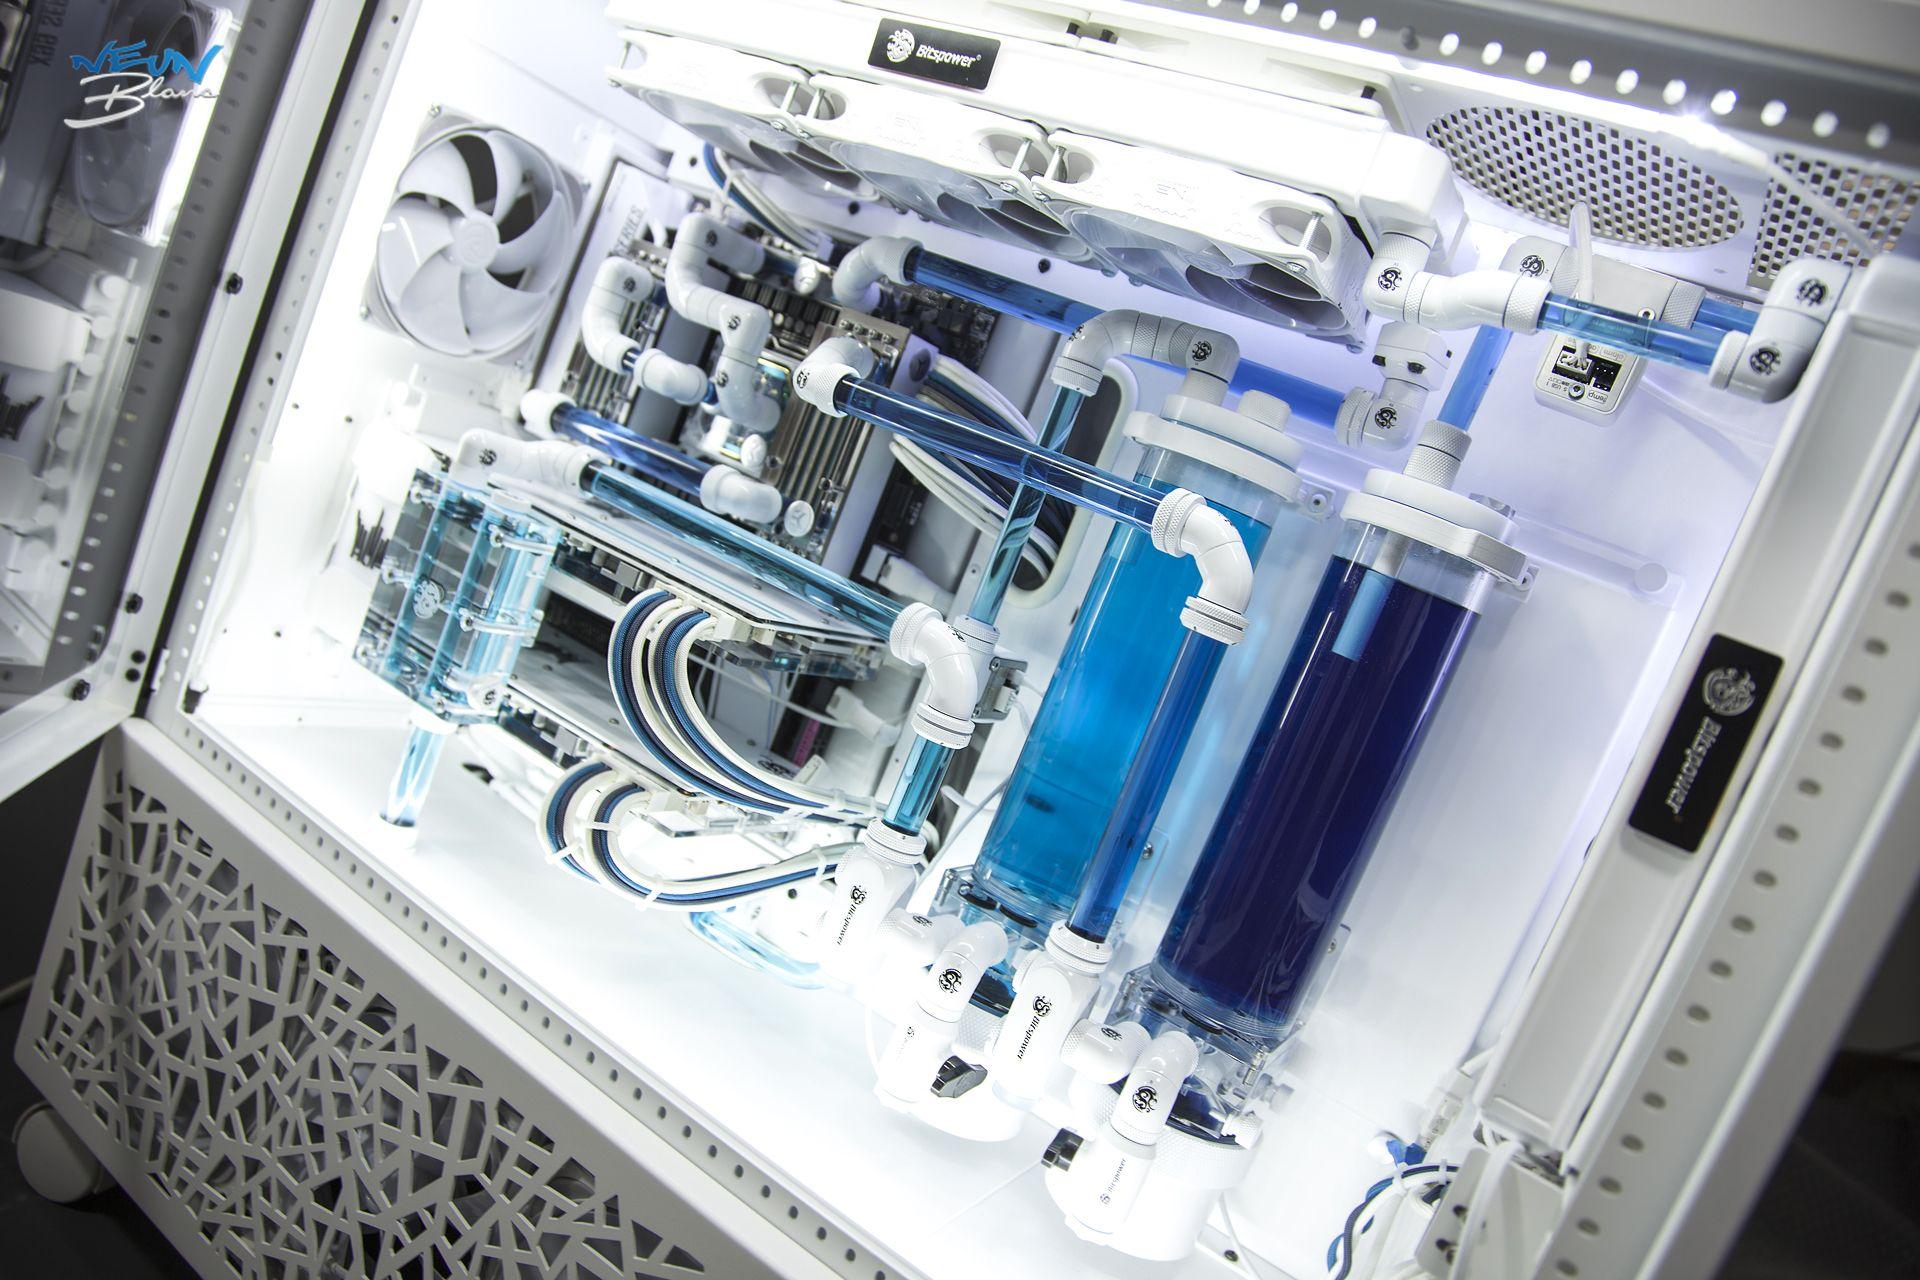 Case Mod Friday Neun Blanc Gaming computer setup